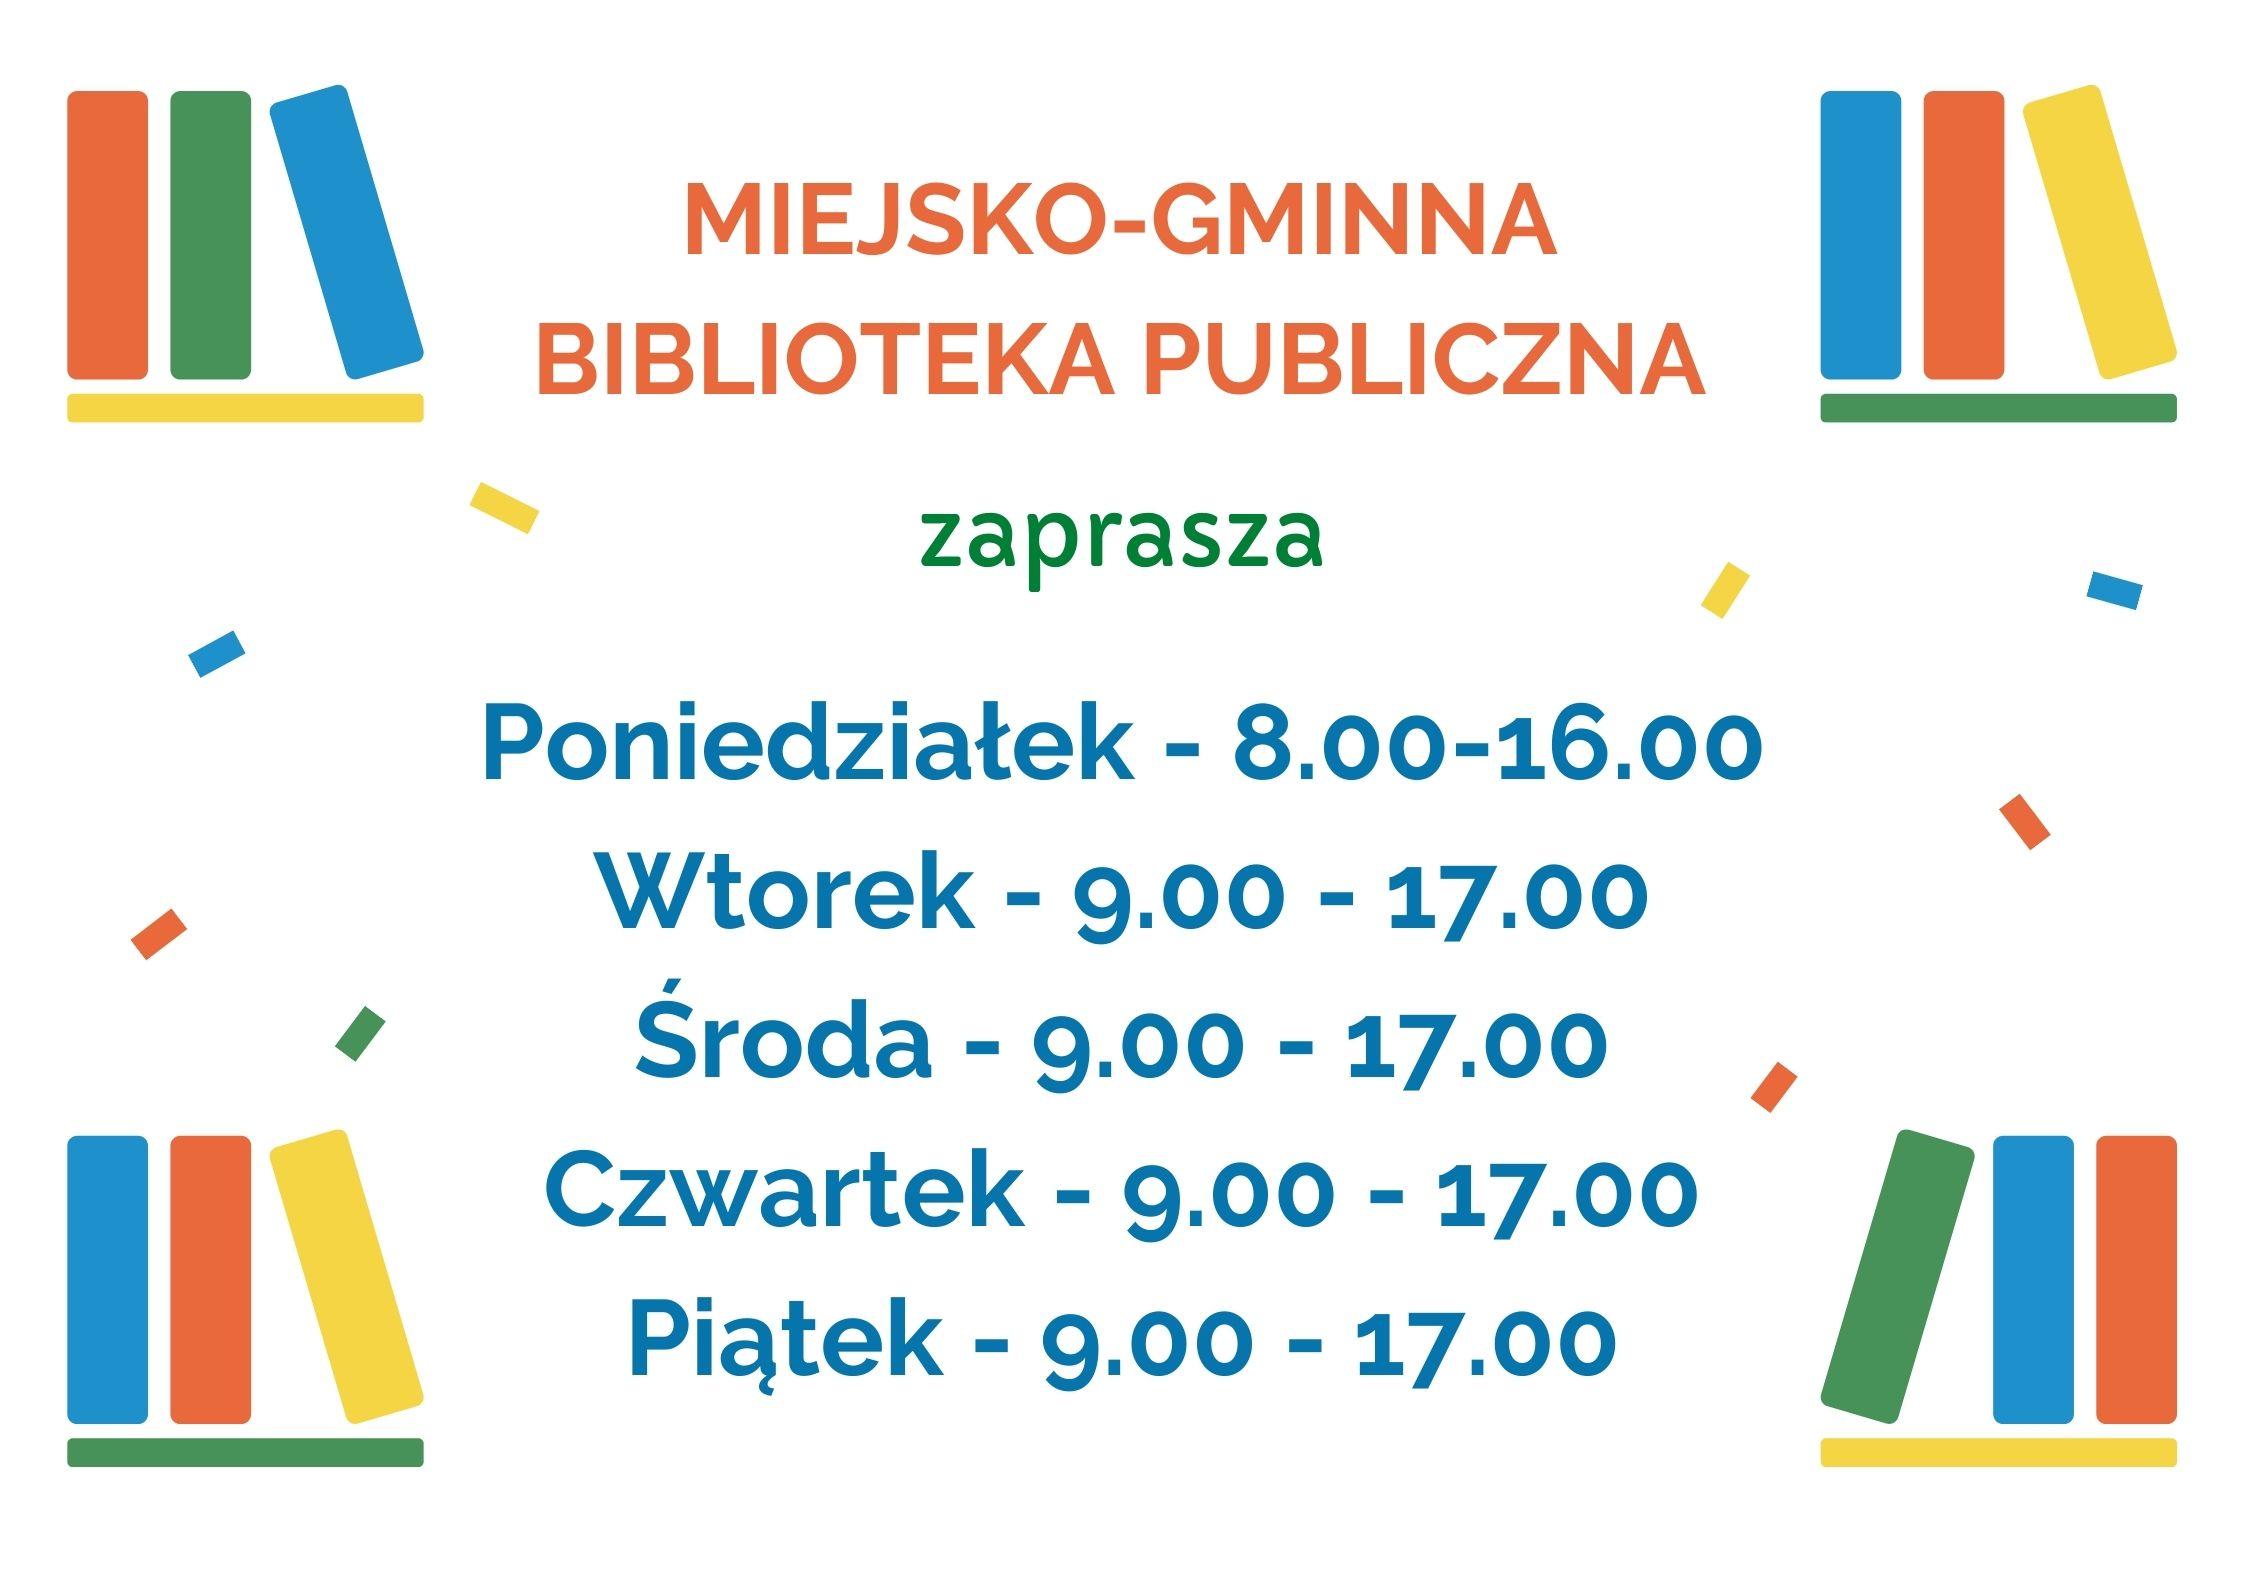 Plakat kolorowy zapraszający naakcję Narodowego Czytania Moralności pani Dulskiej Gabrieli Zapolskiej podBiblioteką wpiątek 3 września ogodzinie 12